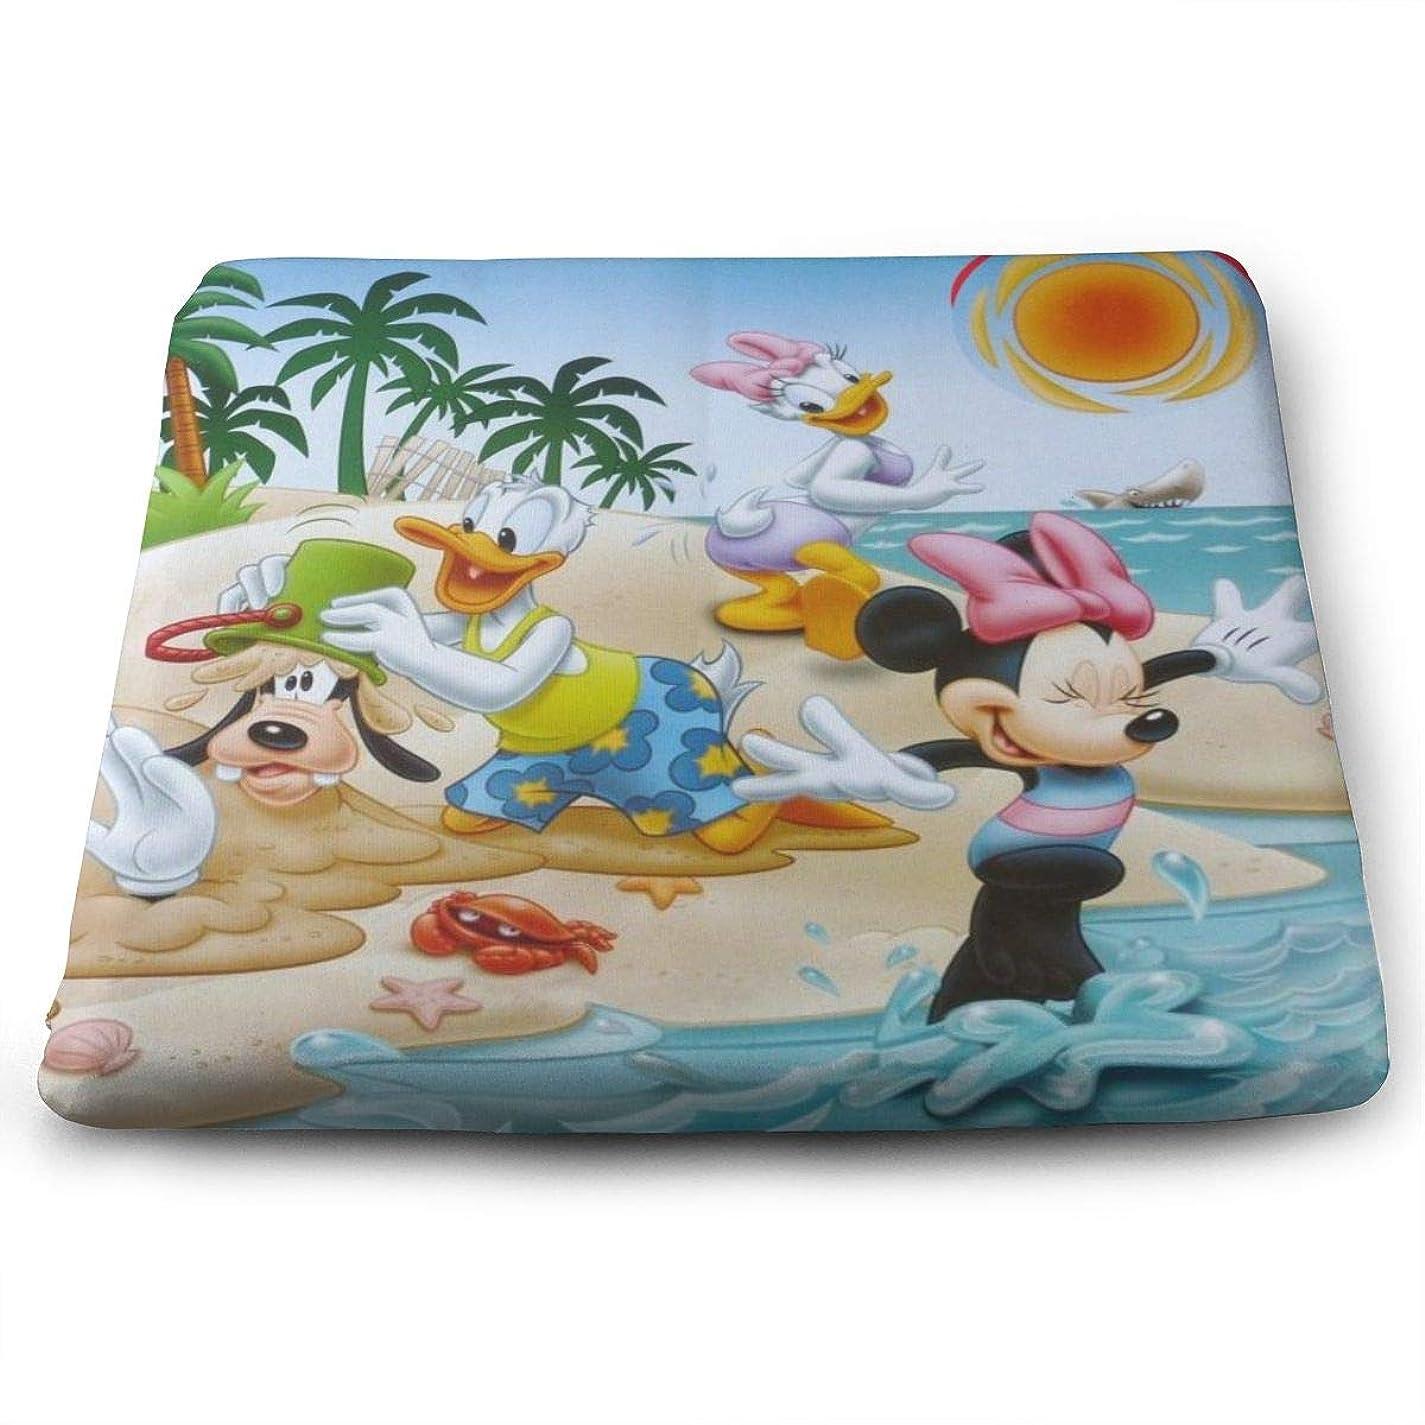 耕すボックス粘土ミッキーマウスが砂遊びをしています 座布団 四角形 35x38x3cm おしゃれ かわいい 通気性抜群 低反発 座り心地抜群 椅子用 オフィス 自宅用 クッション 1枚